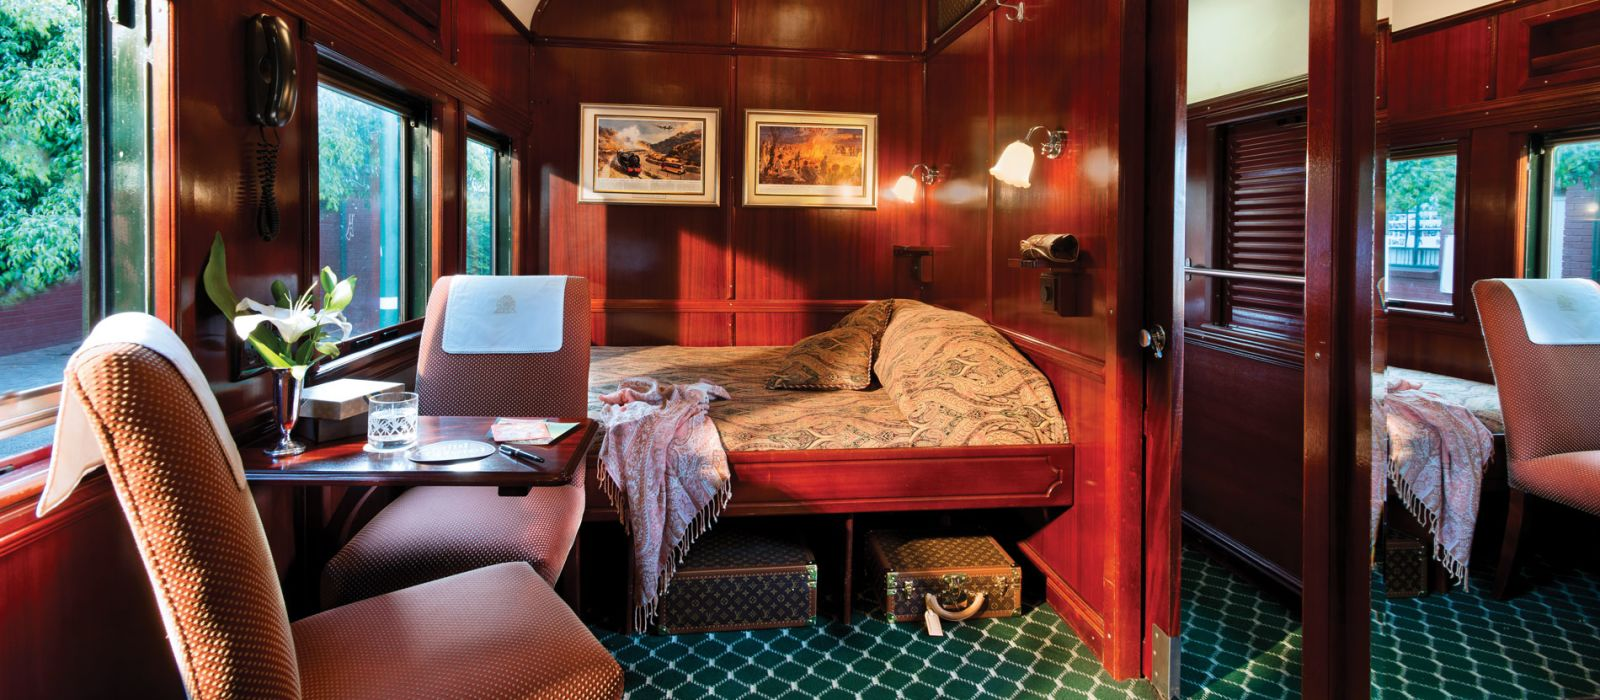 Hotel Rovos Rail: Pretoria – Cape Town South Africa